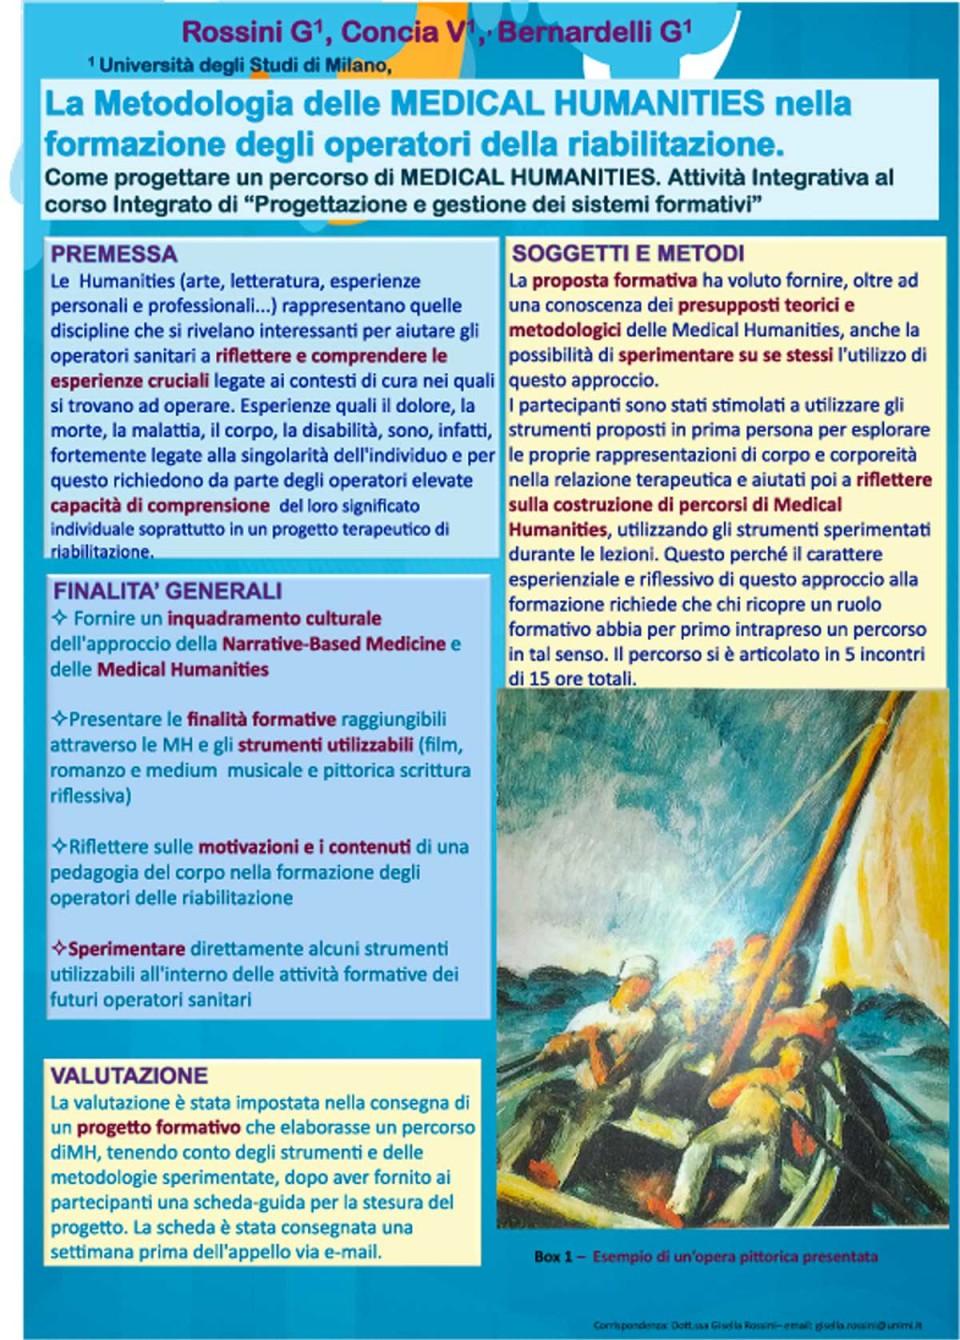 La metodologia delle Medical Humanities nella formazione degli operatori della riabilitazione